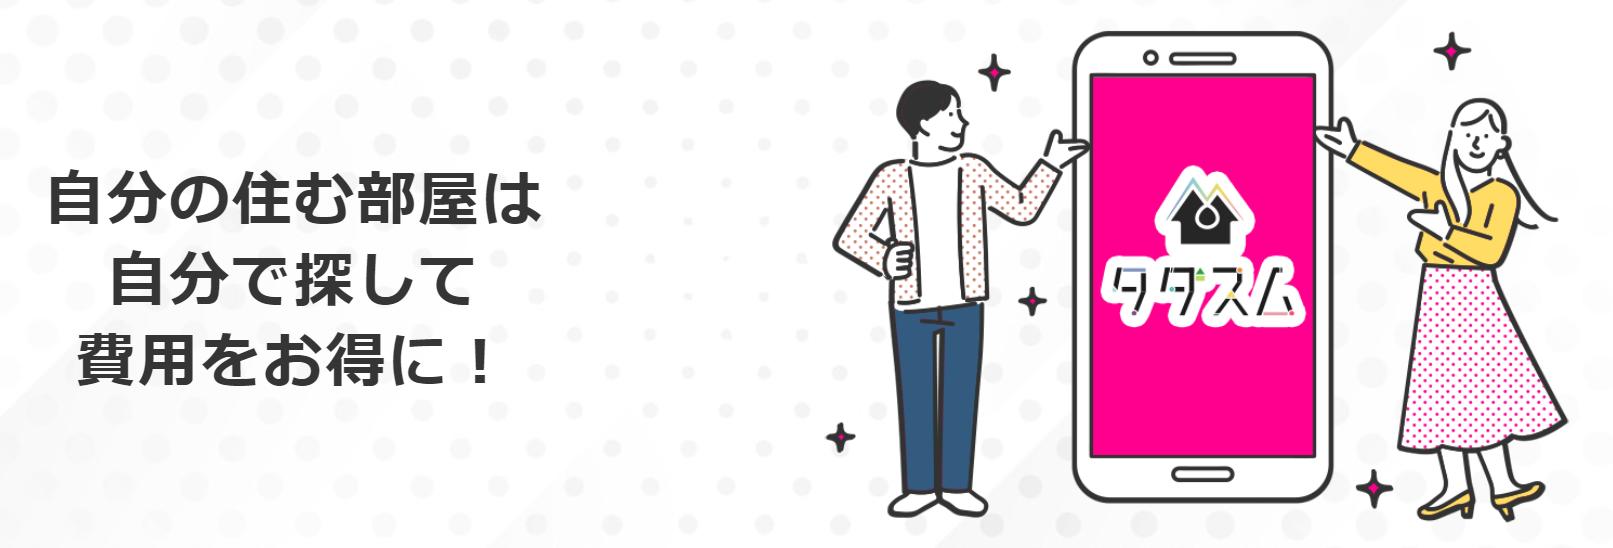 業界初、不動産の仲介手数料が0円~「タダスム」をリリース!賃貸物件探しは自分で行い、手数料無料で新生活にゆとりを